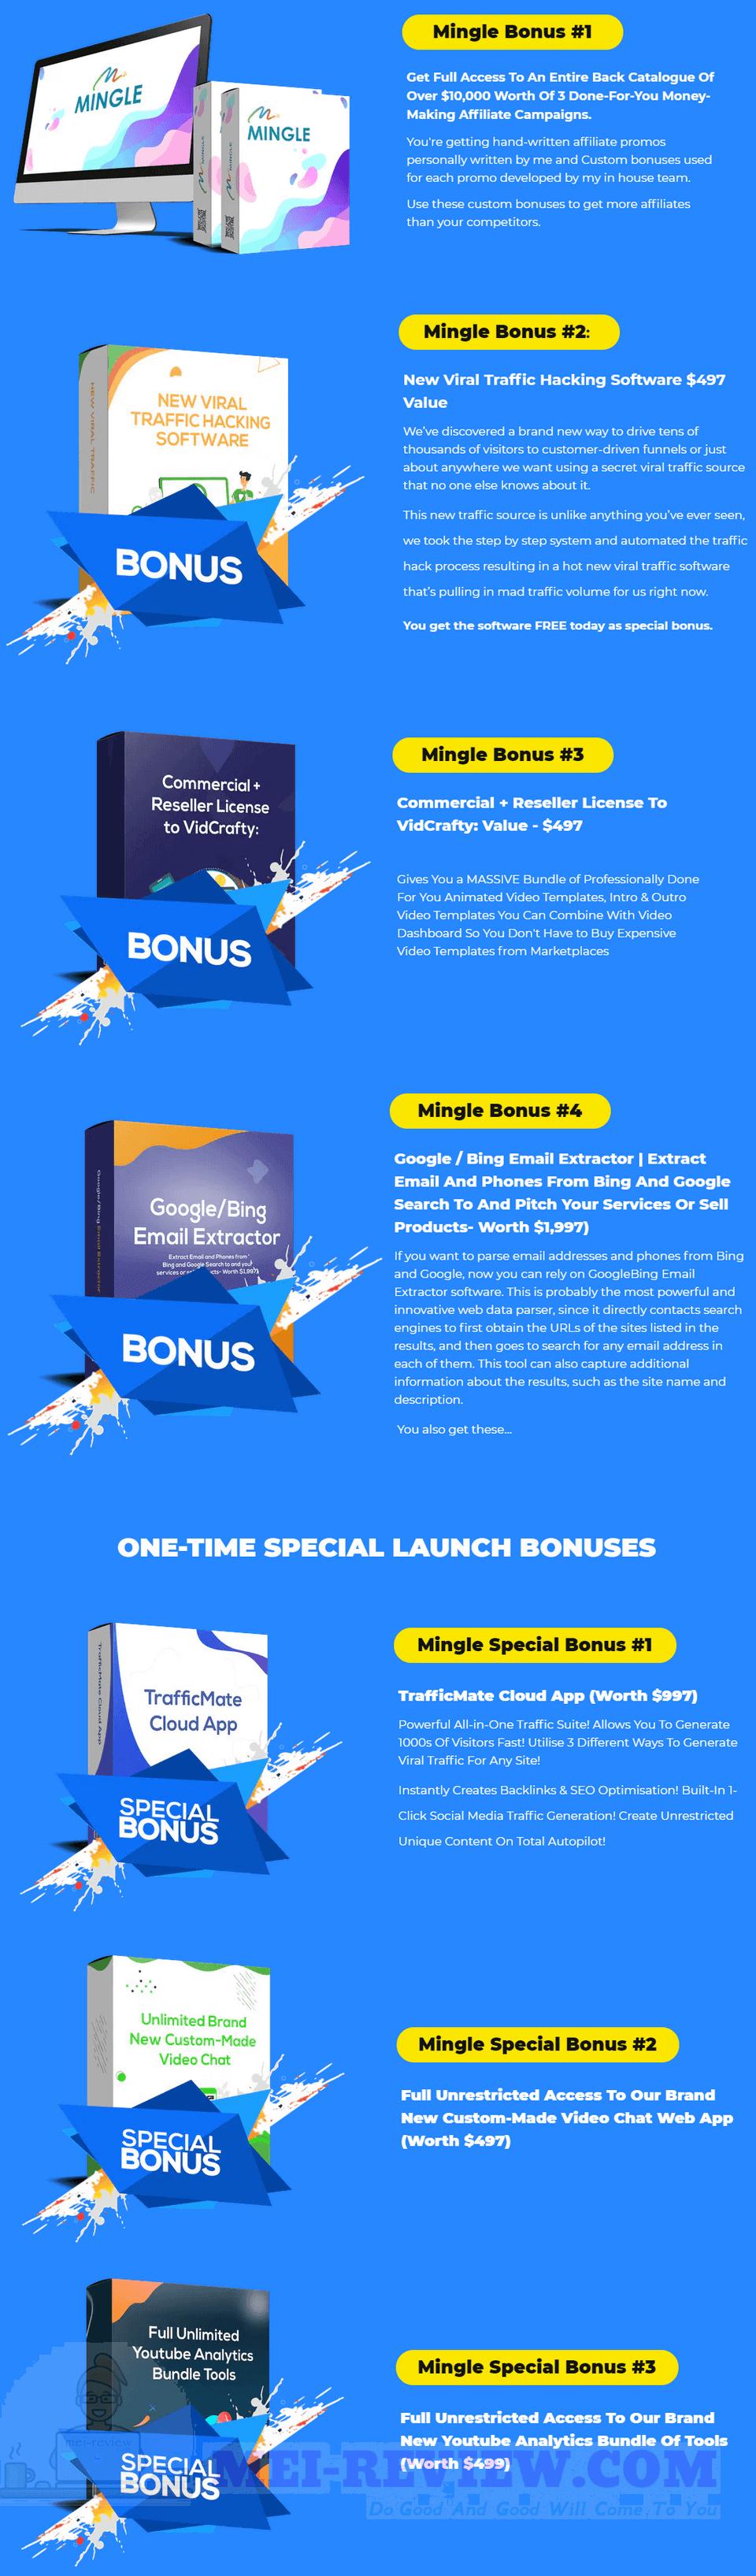 Mingle Review - Mingle Bonus